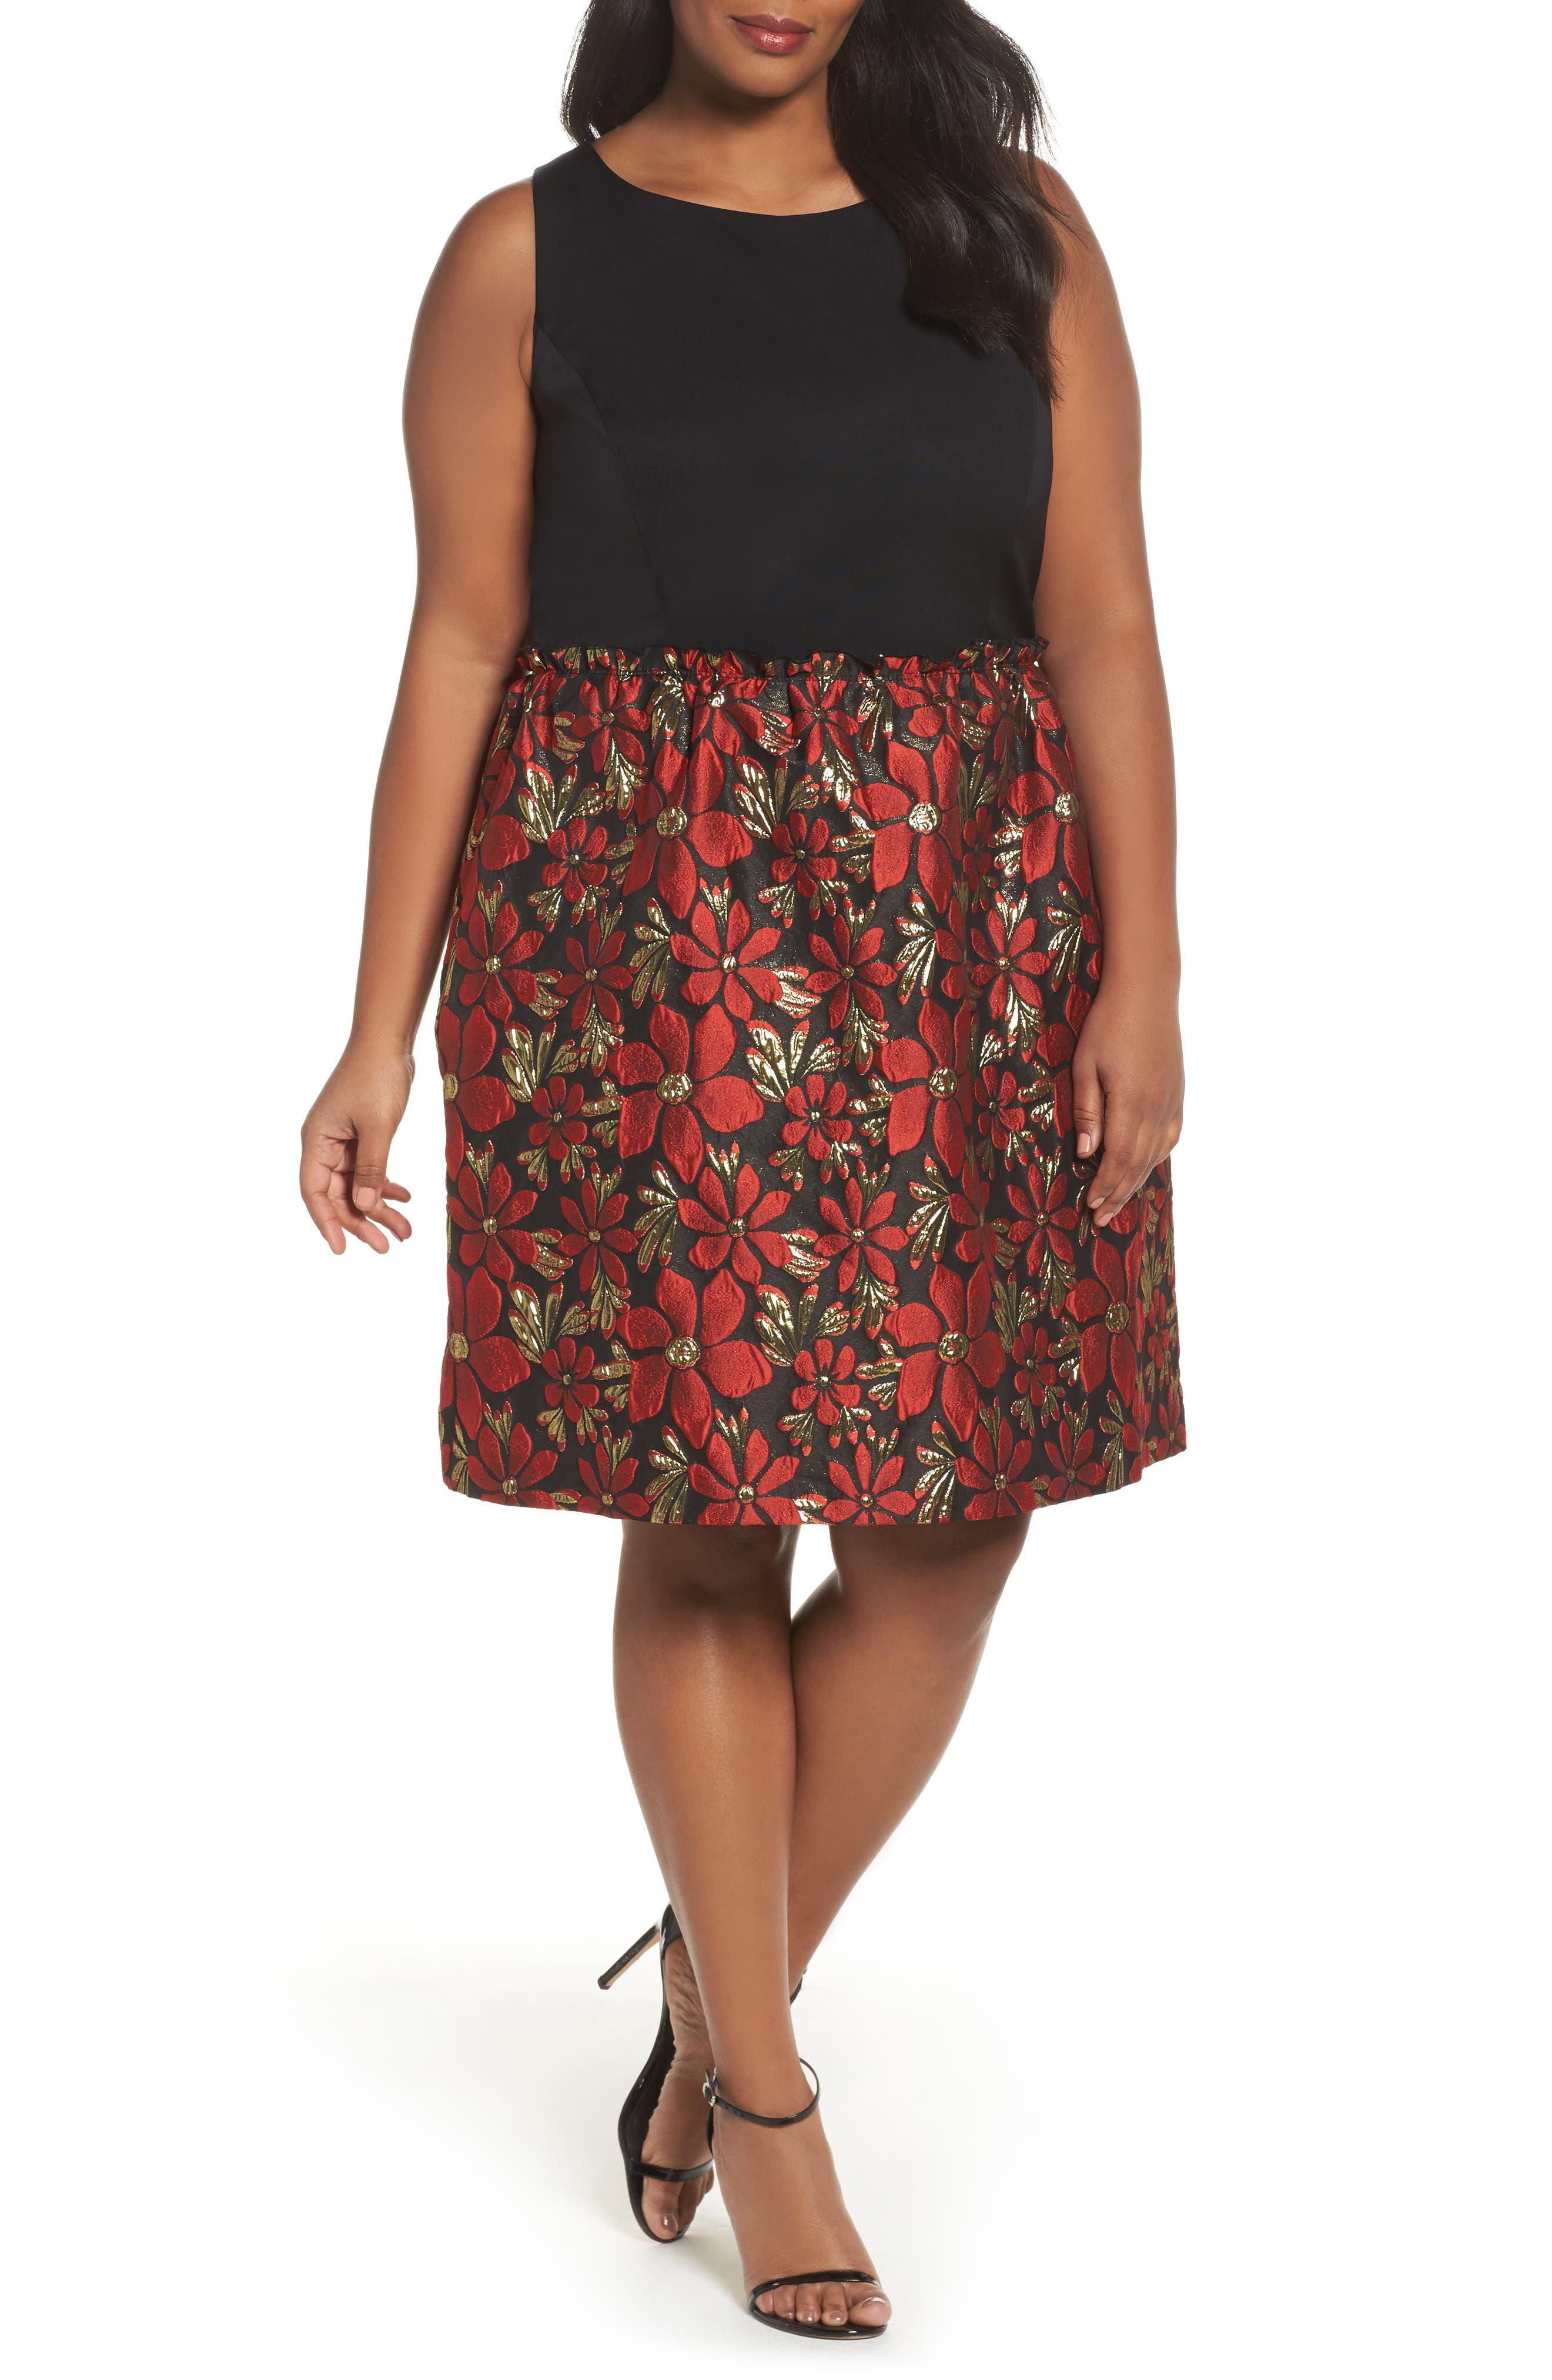 Tahari Sleeveless Jacquard Fit & Flare Dress (Plus Size)